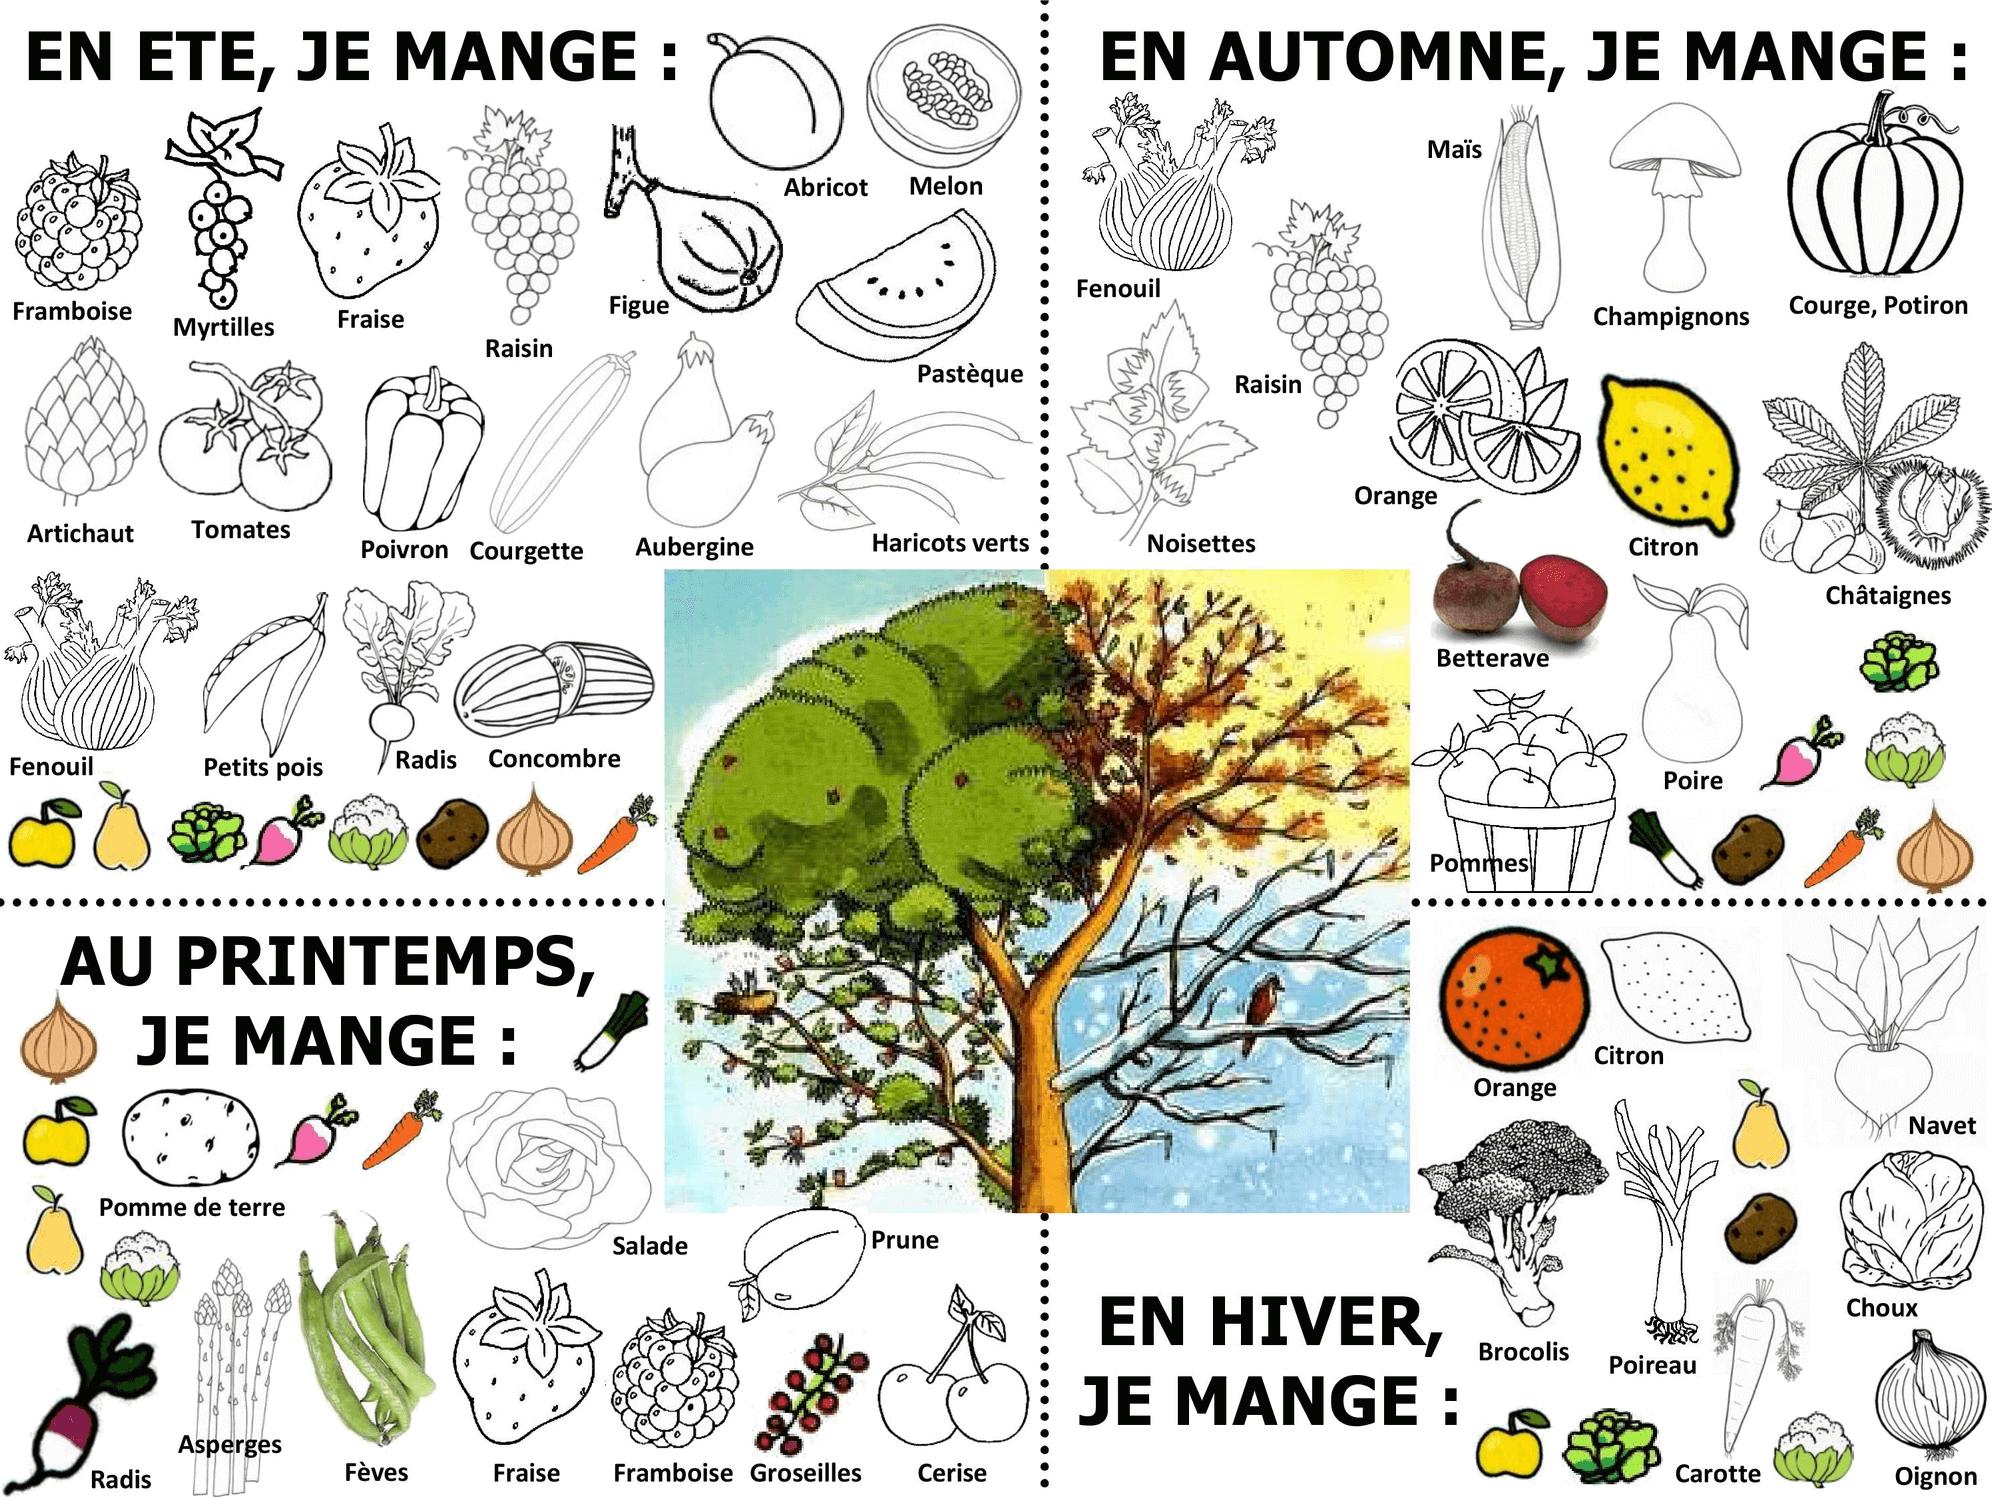 Le Calendrier Des Fruits Et Legumes De Saison A Colorier Coloriage Fruits Fruits Et Legumes De Saison Fruits Et Legumes